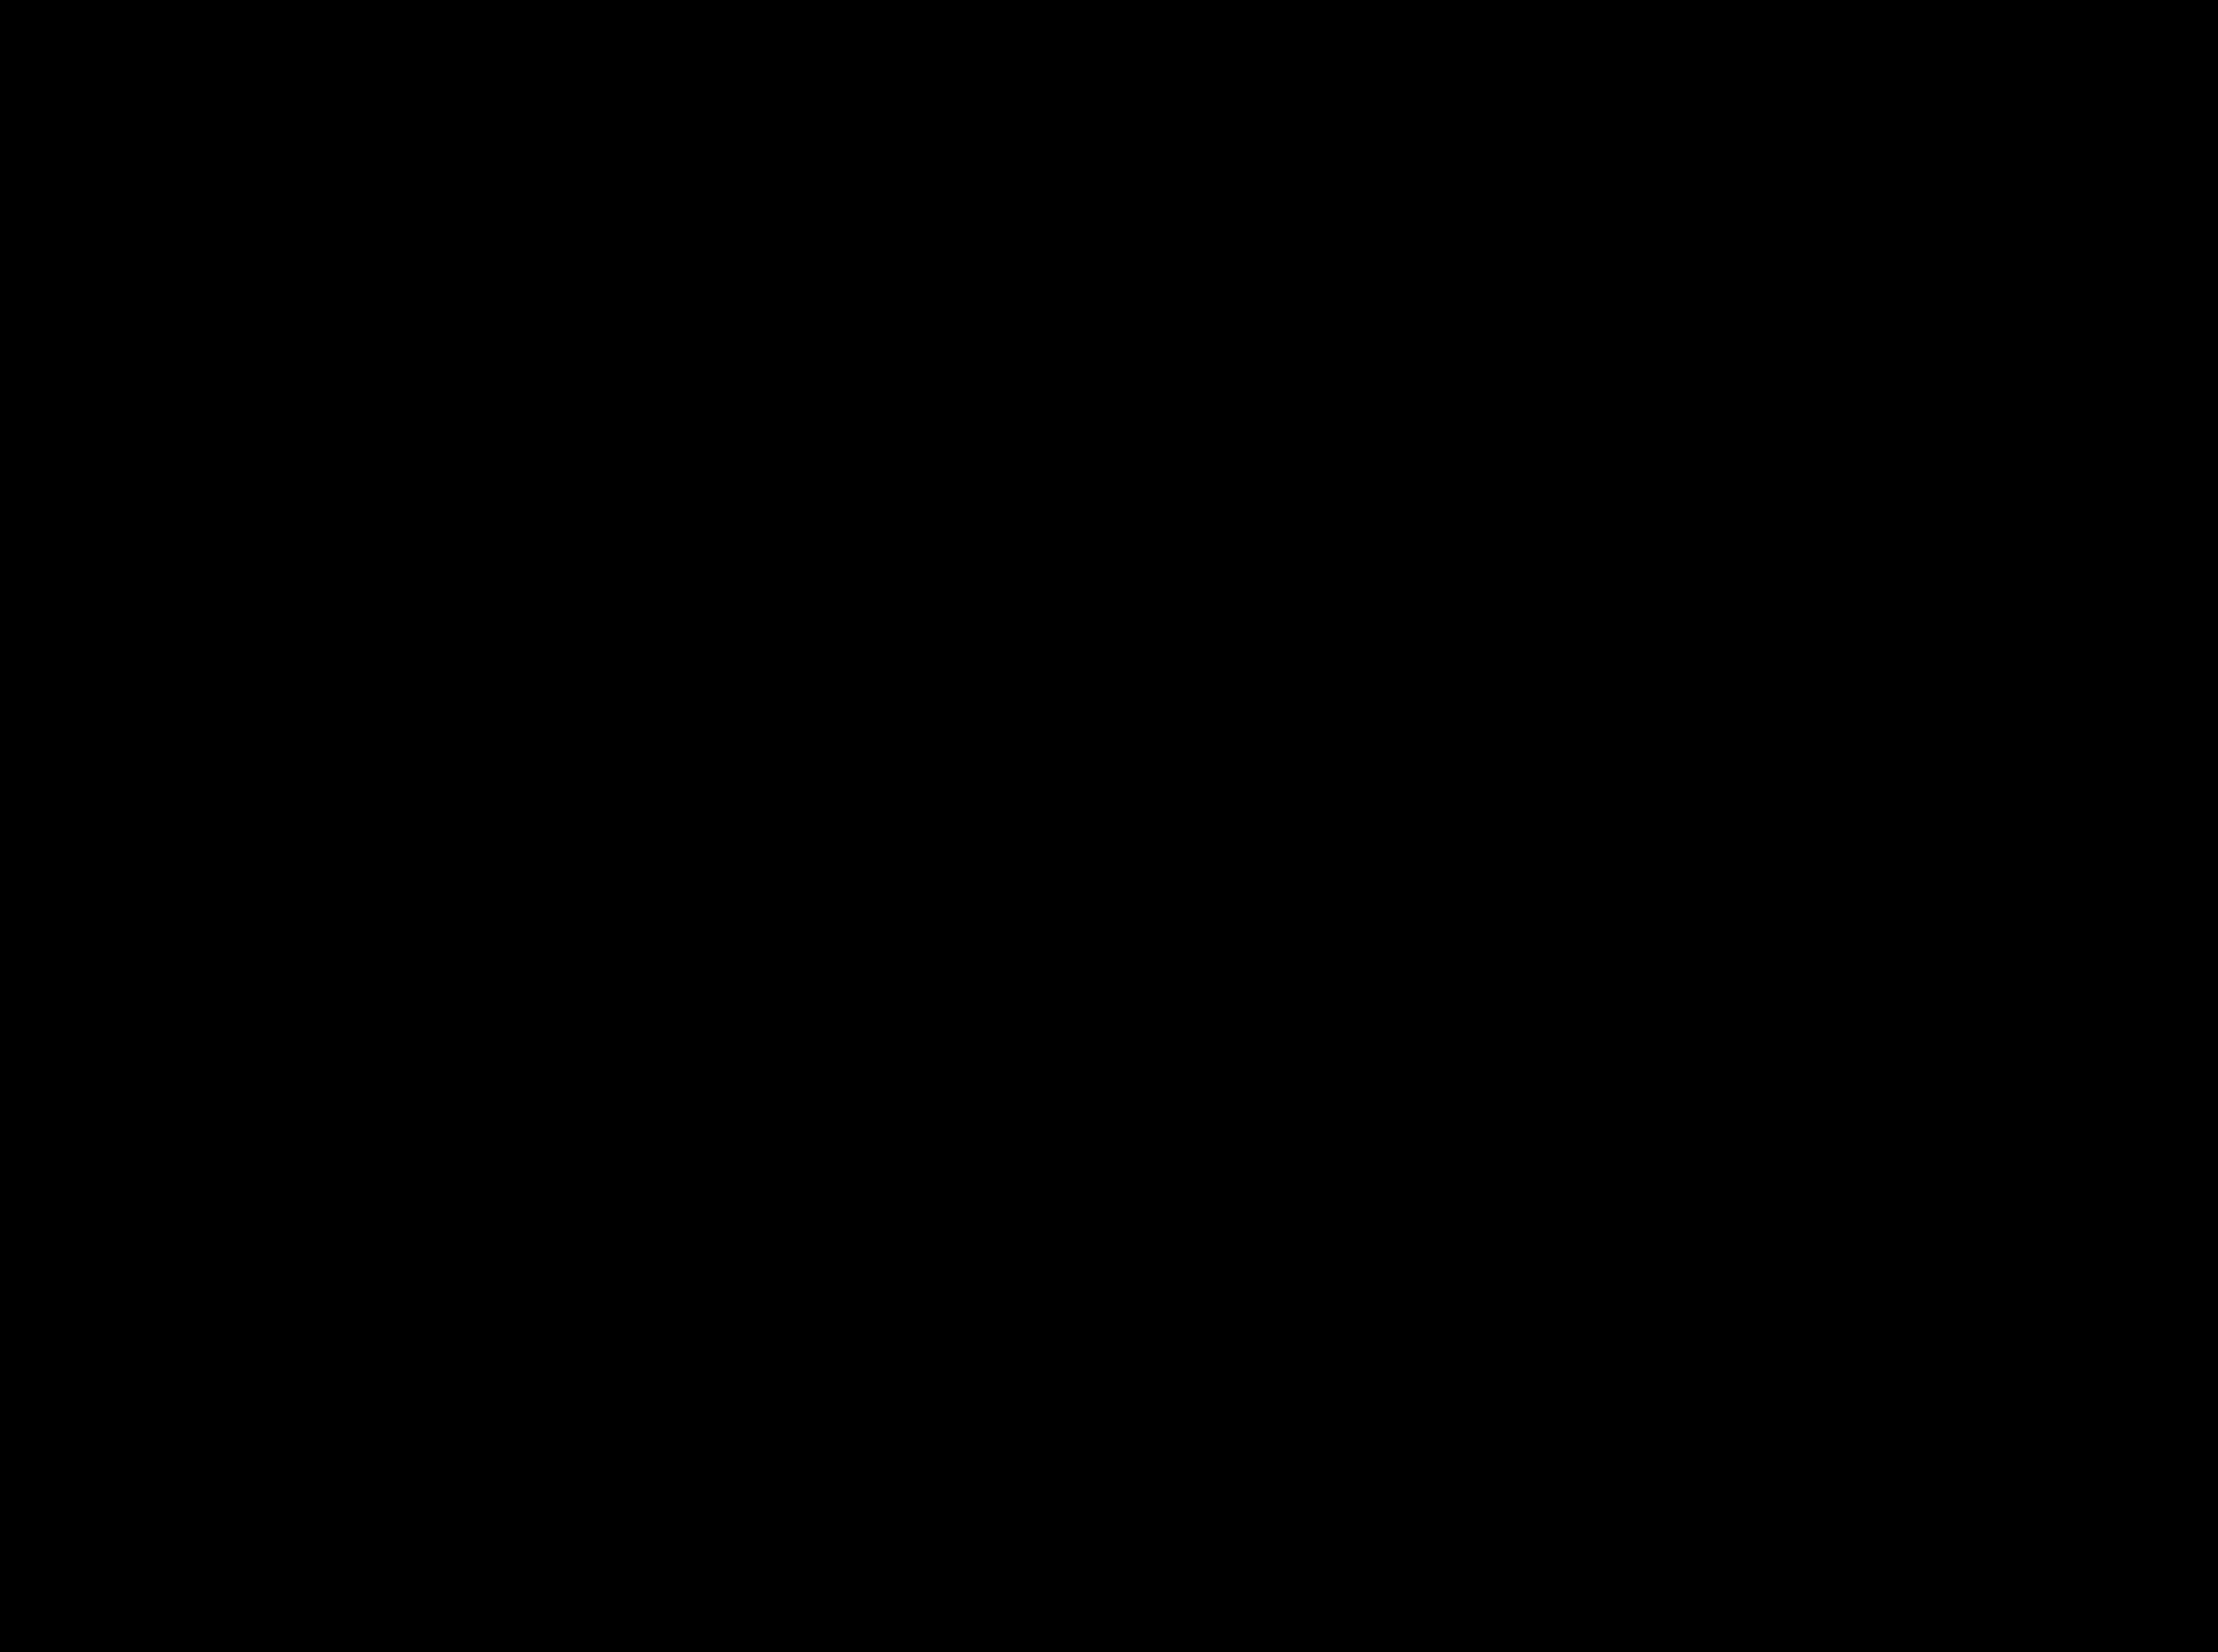 Mac Copy Shortcut Clipart Black Tractor